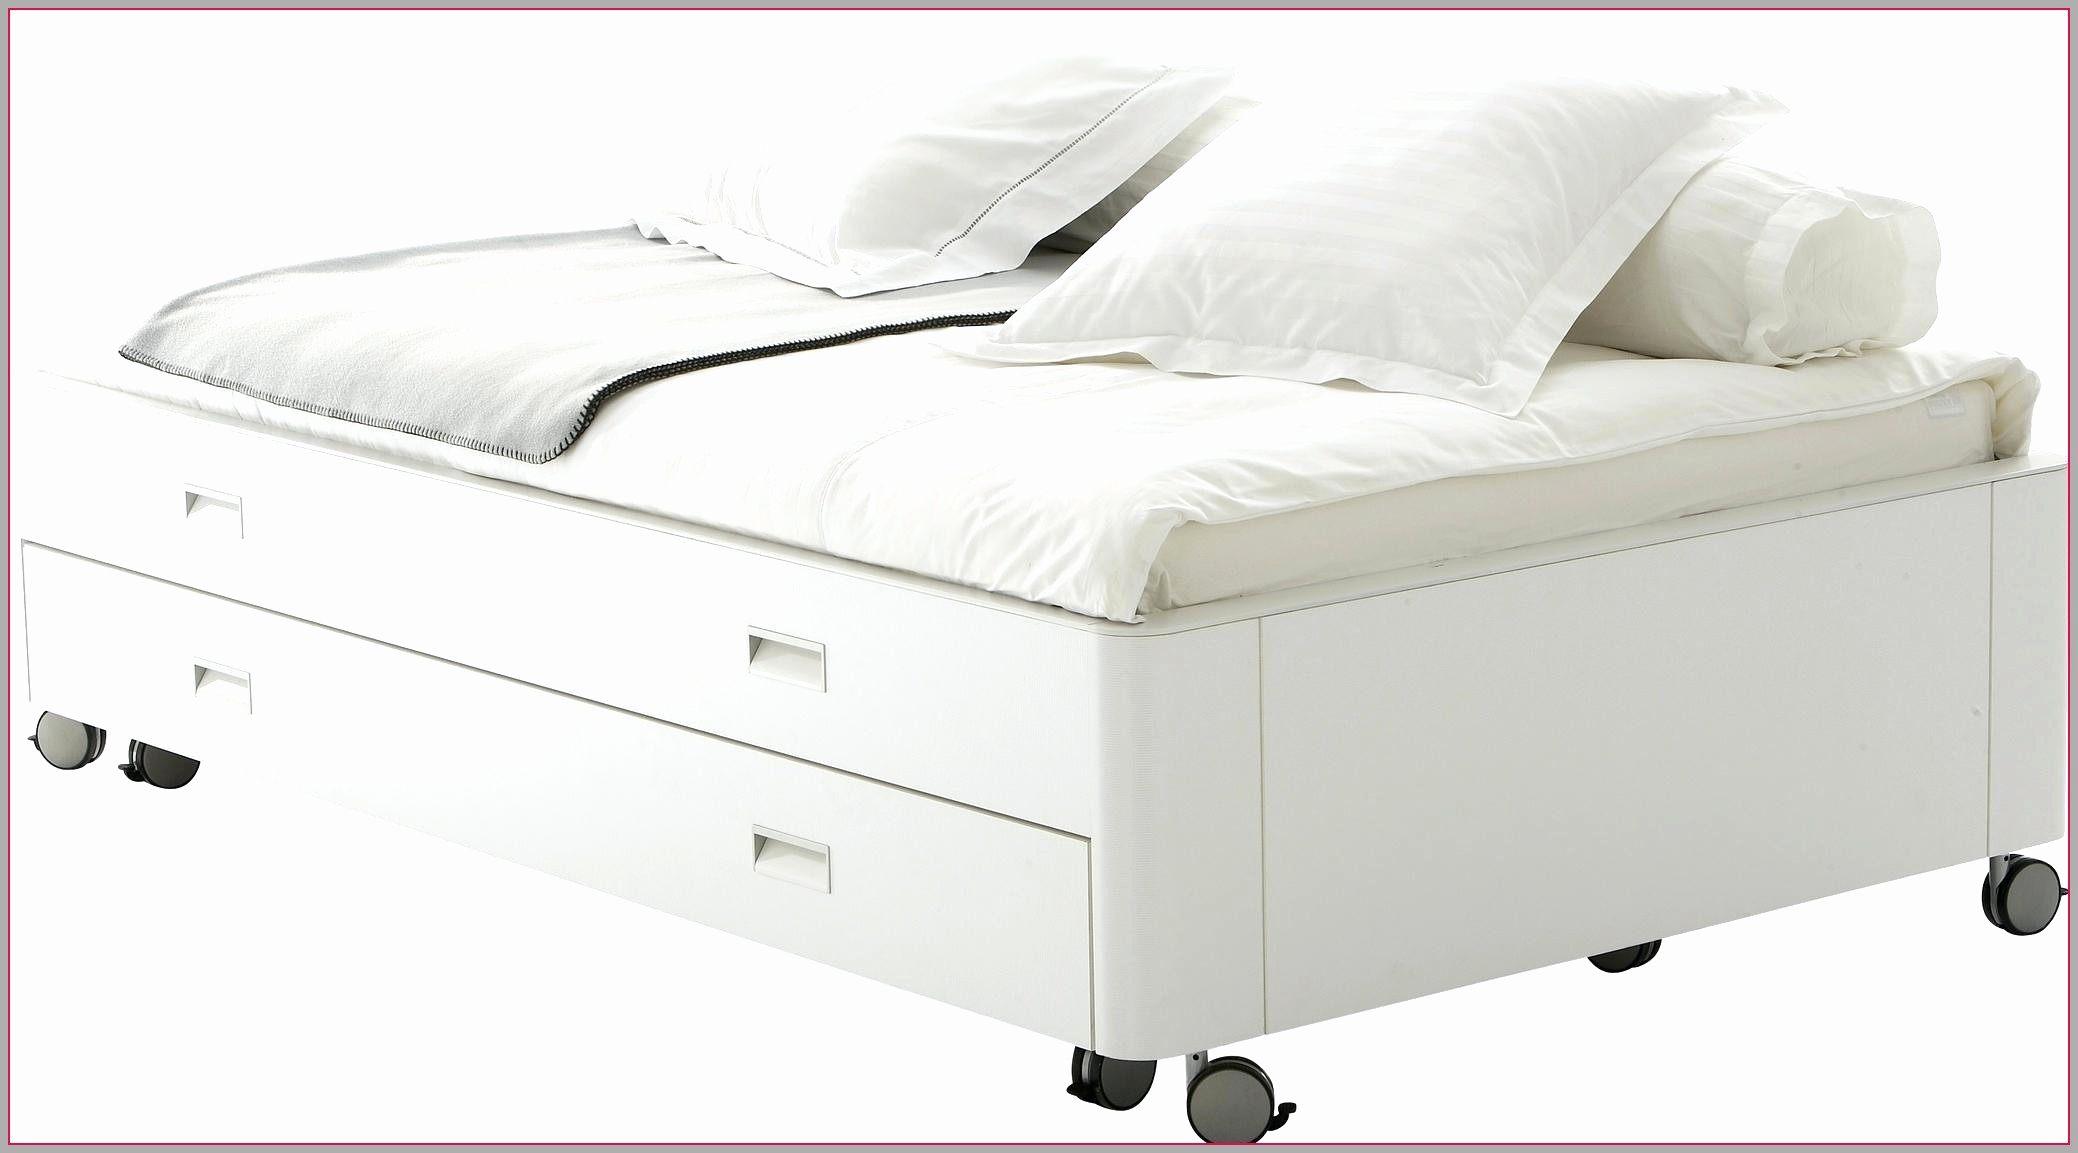 Ikea Couvre Lit Frais Luxe De Lit Adulte 160—200